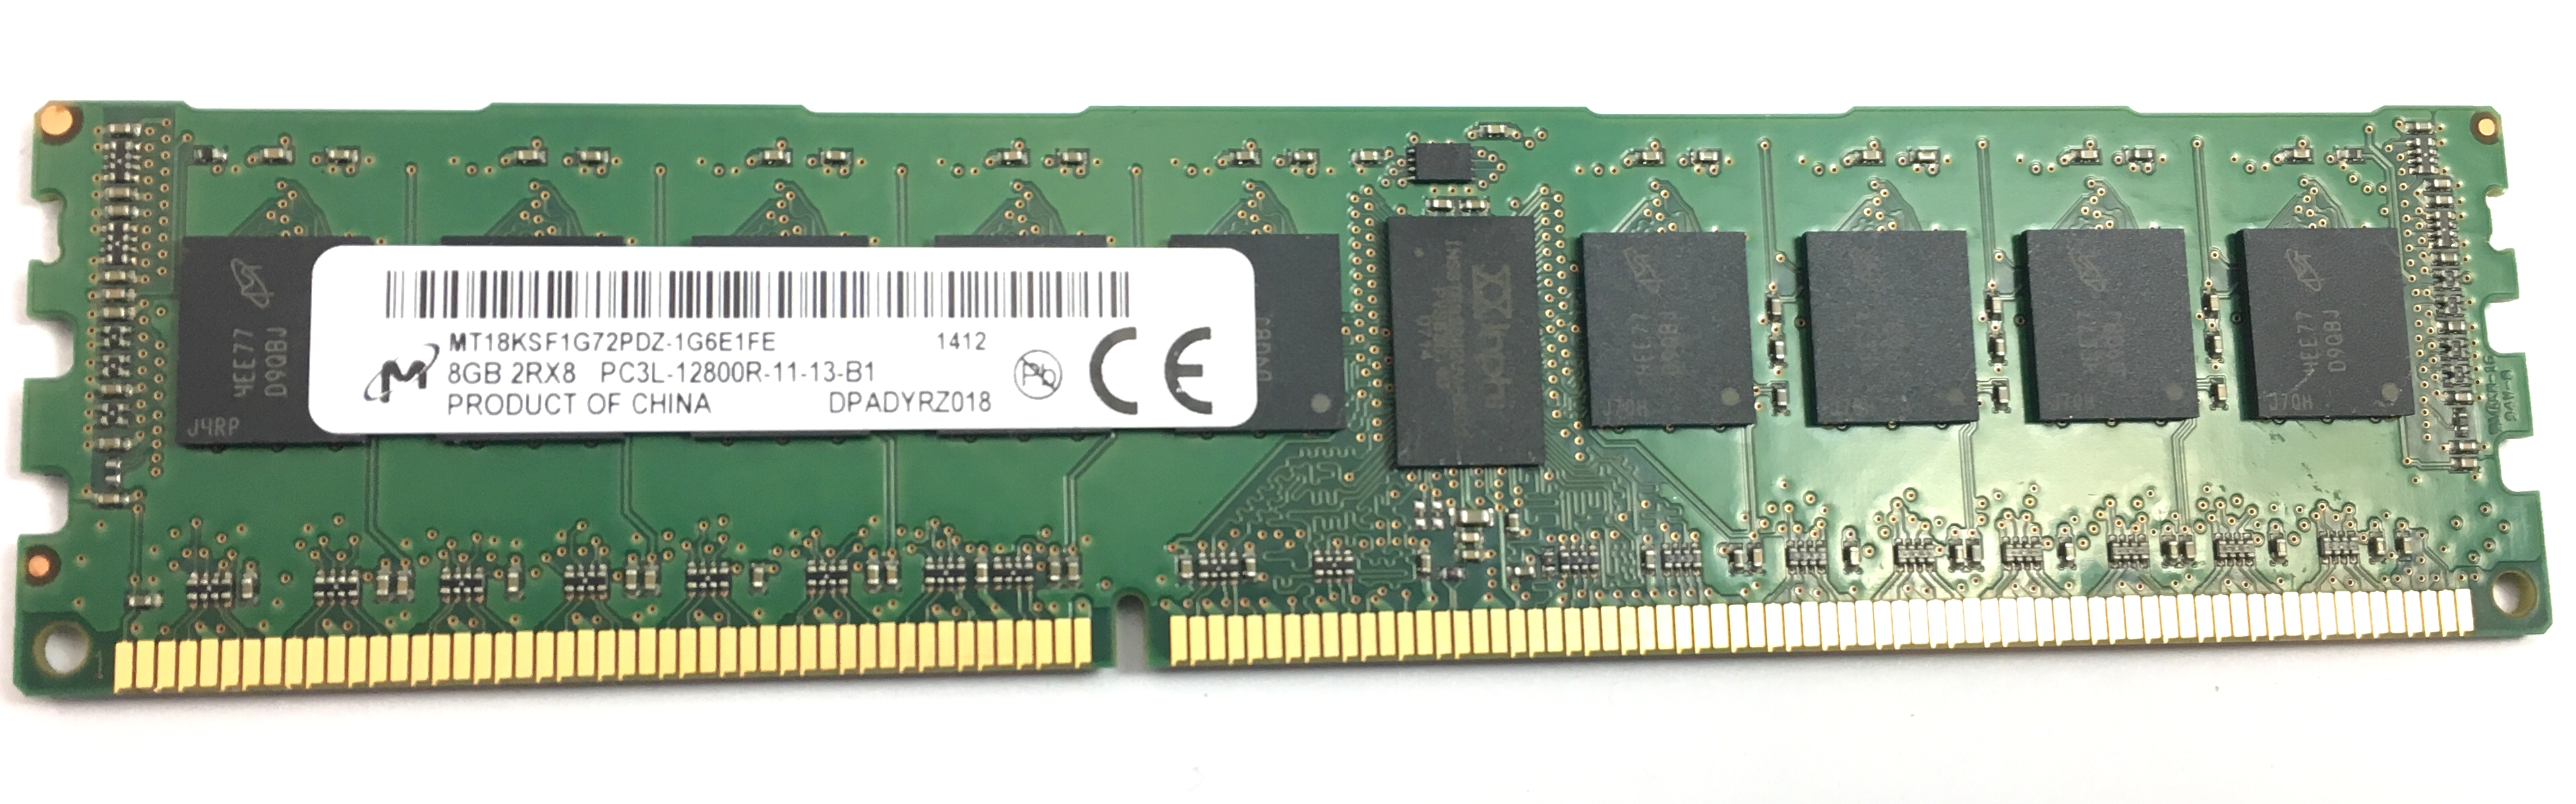 MICRON 8GB 2RX8 PC3L 12800R DDR3 1600MHZ ECC REG MEMORY (MT18KSF1G72PDZ-1G6E1)